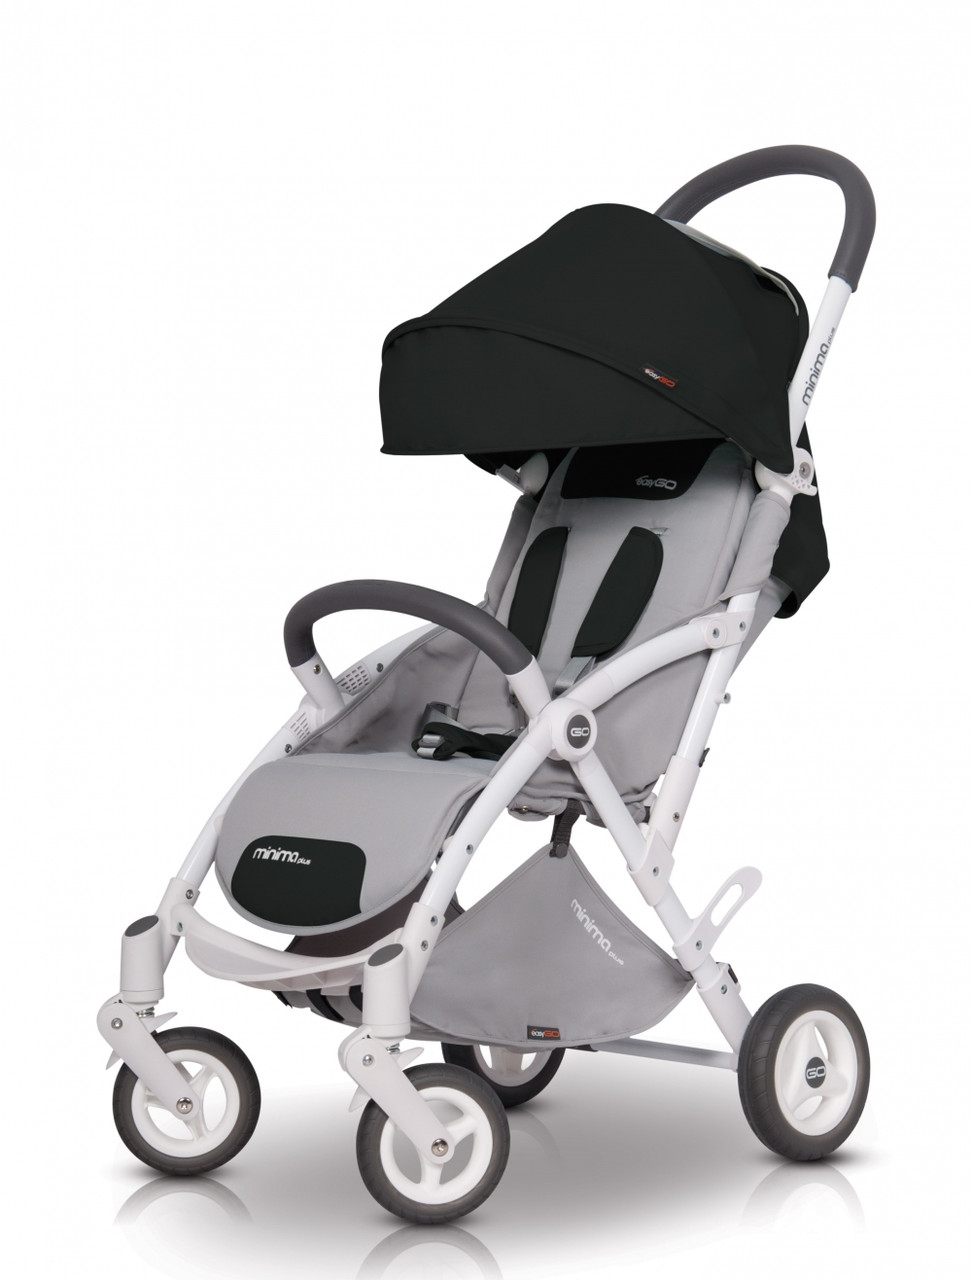 Коляска прогулочная EasyGo Minima Plus carbon (ізі гоу мінімум плас)